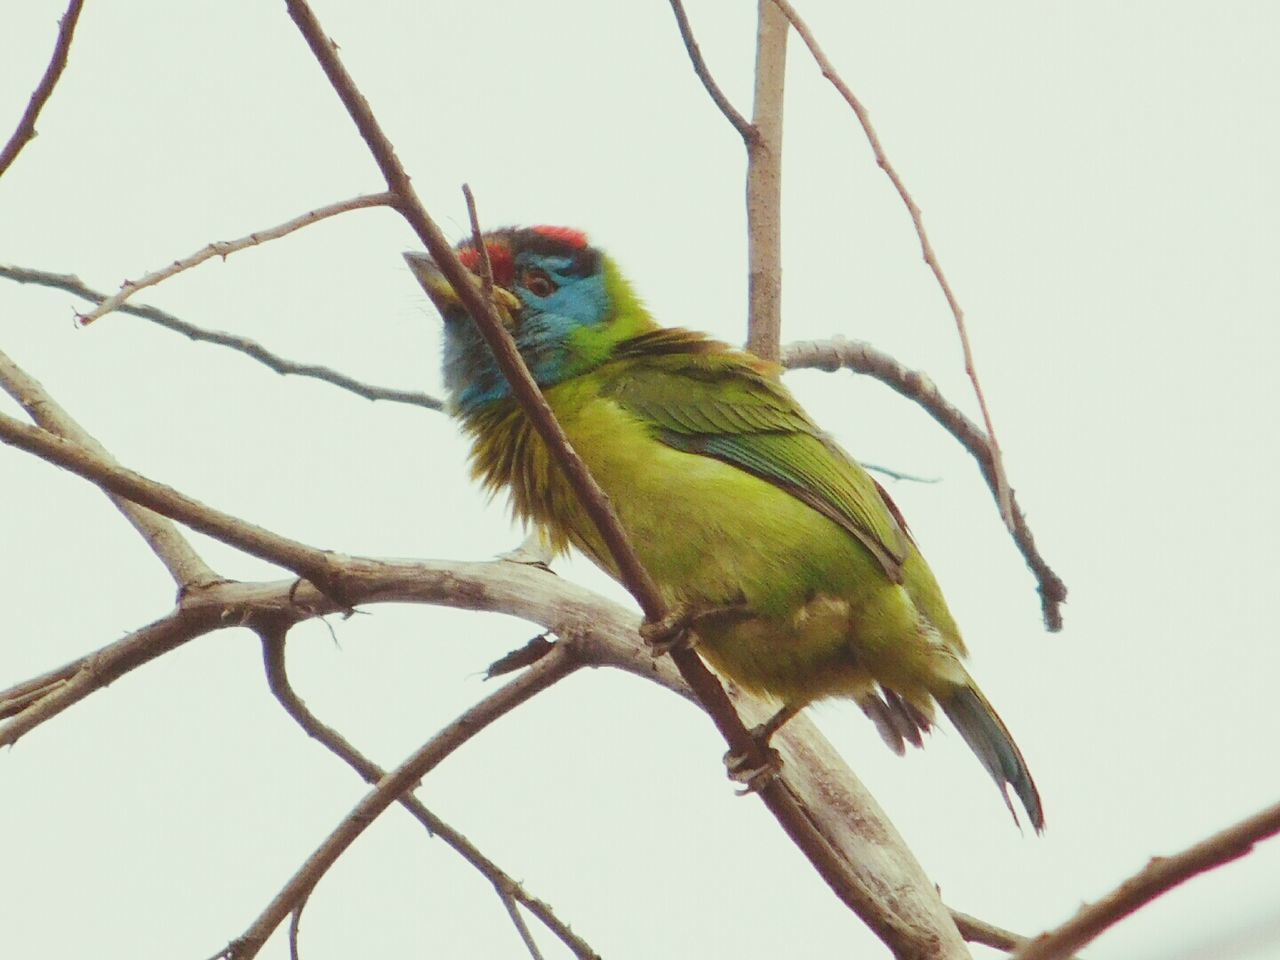 Green Bird Little Bird Nature_collection Winter Bird View Cute Bird